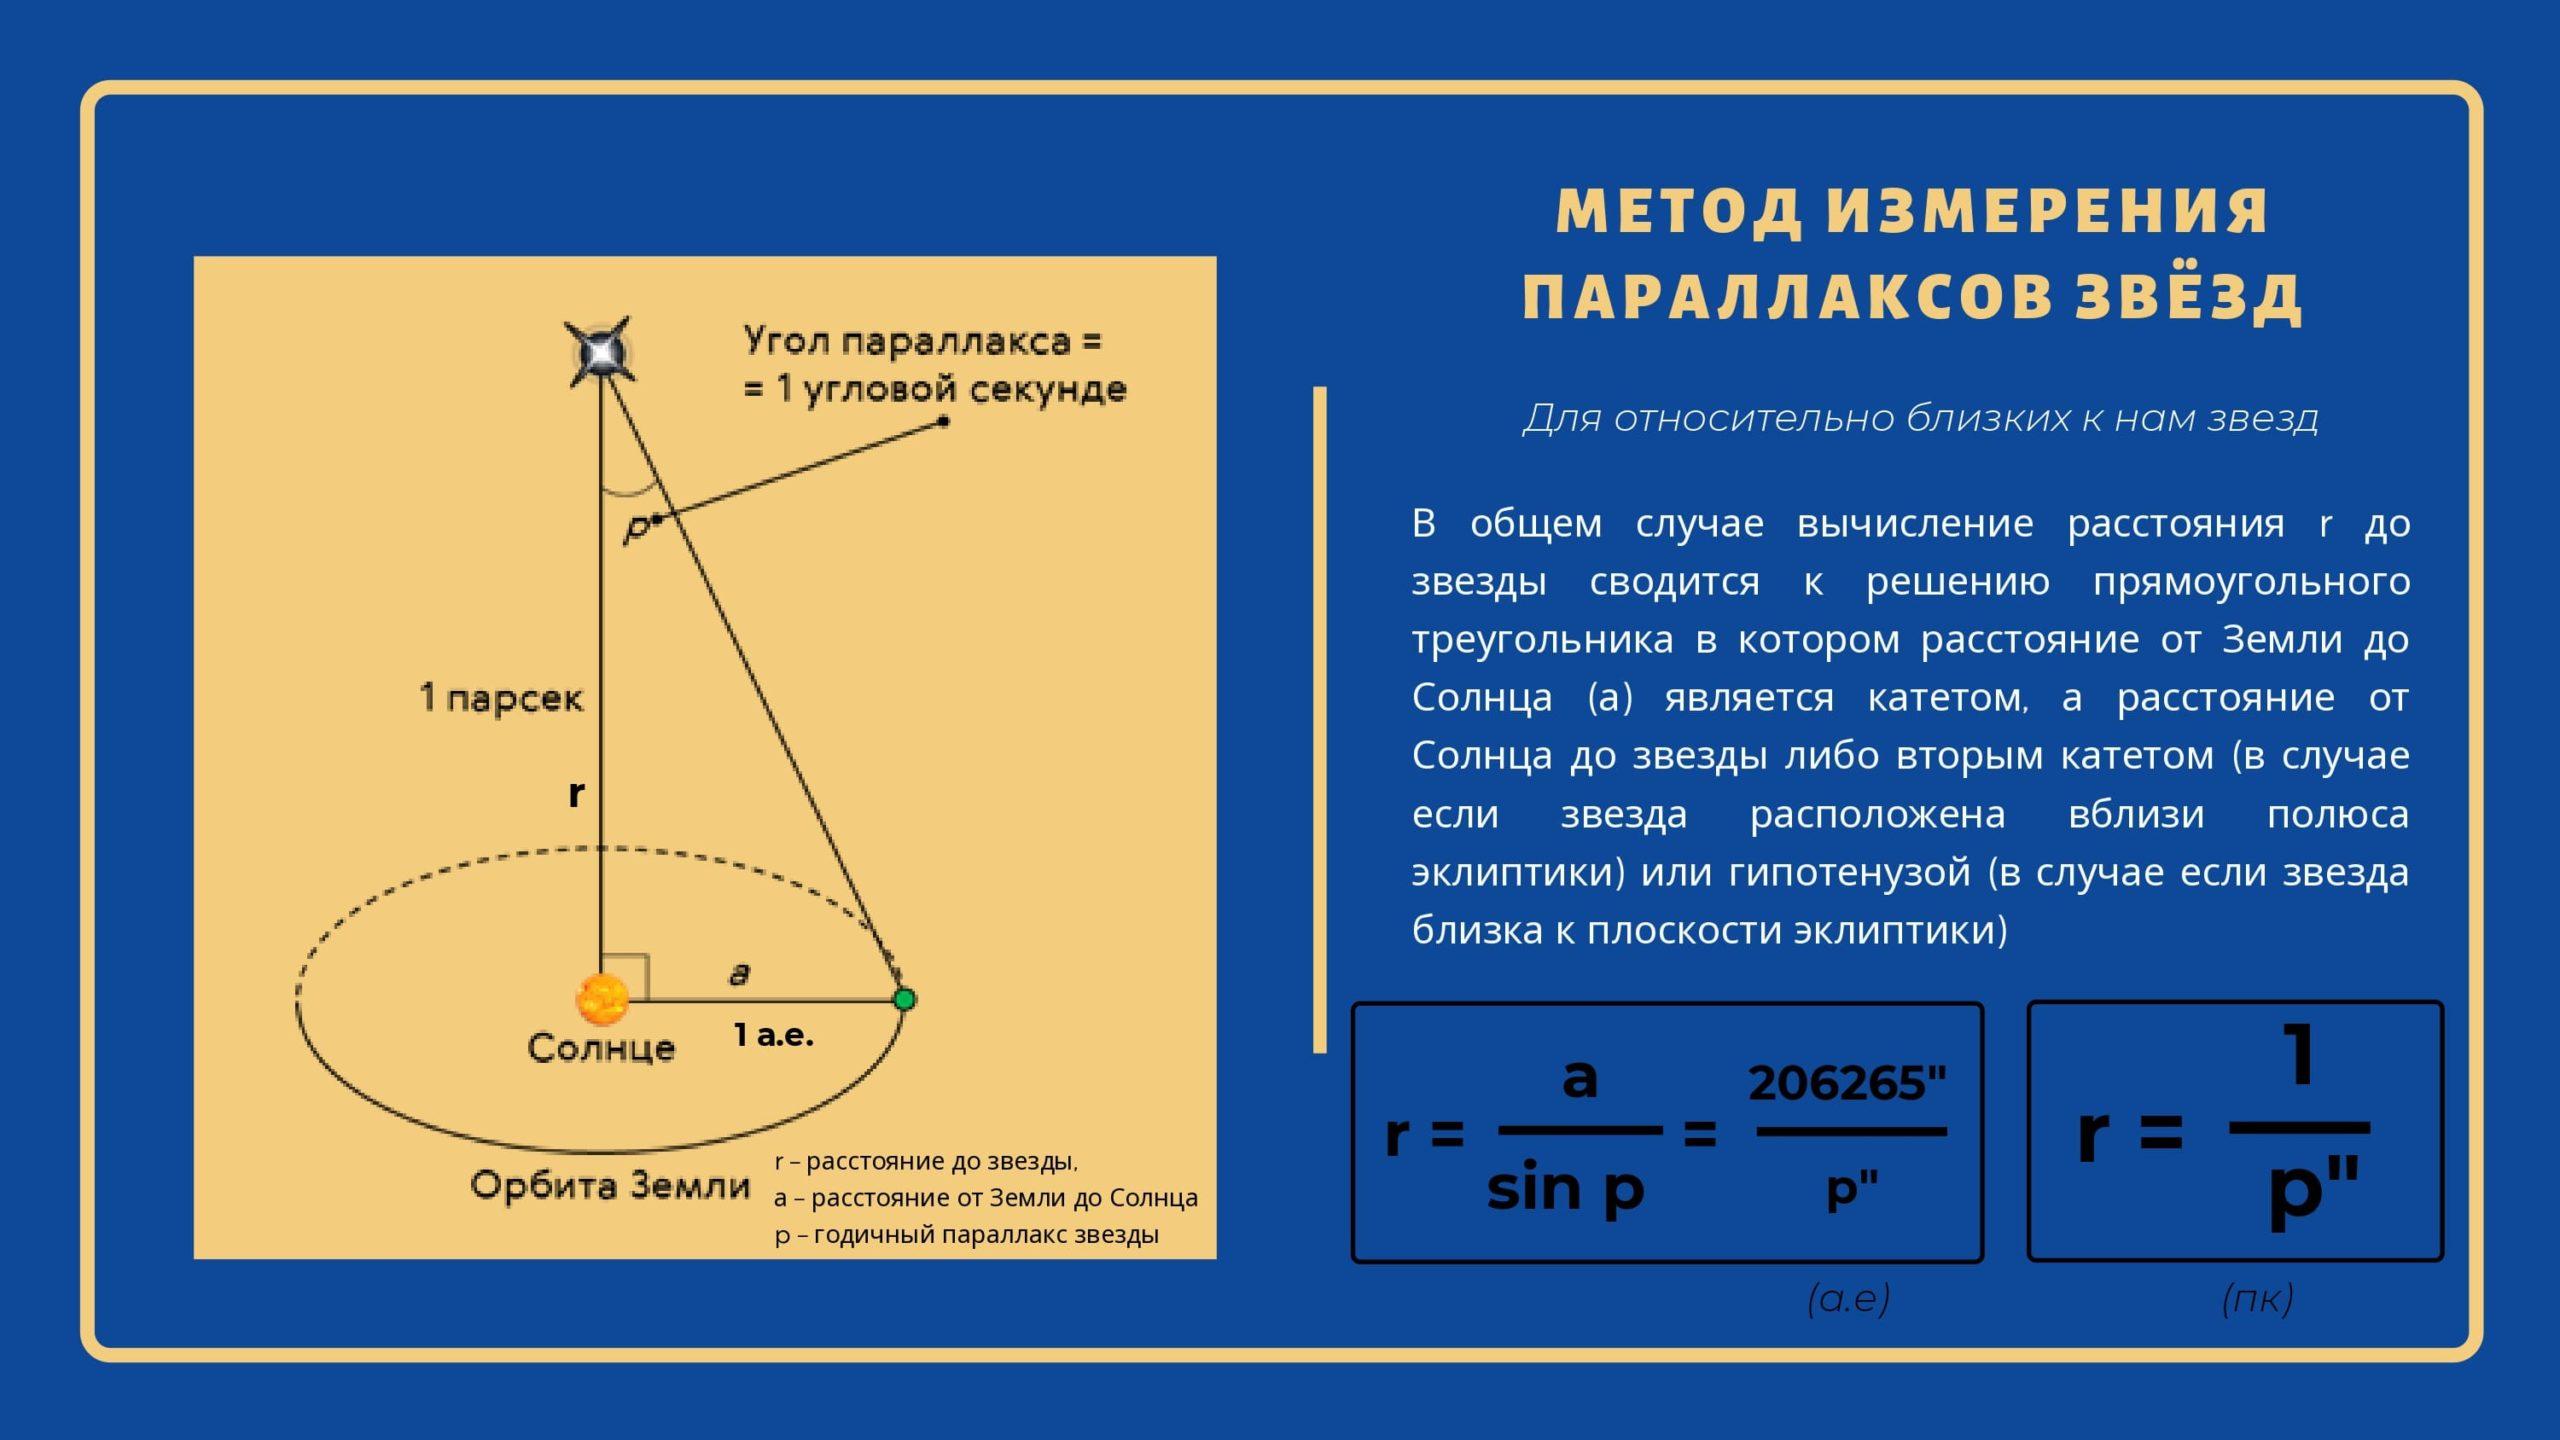 Метод измерения параллаксов звёзд